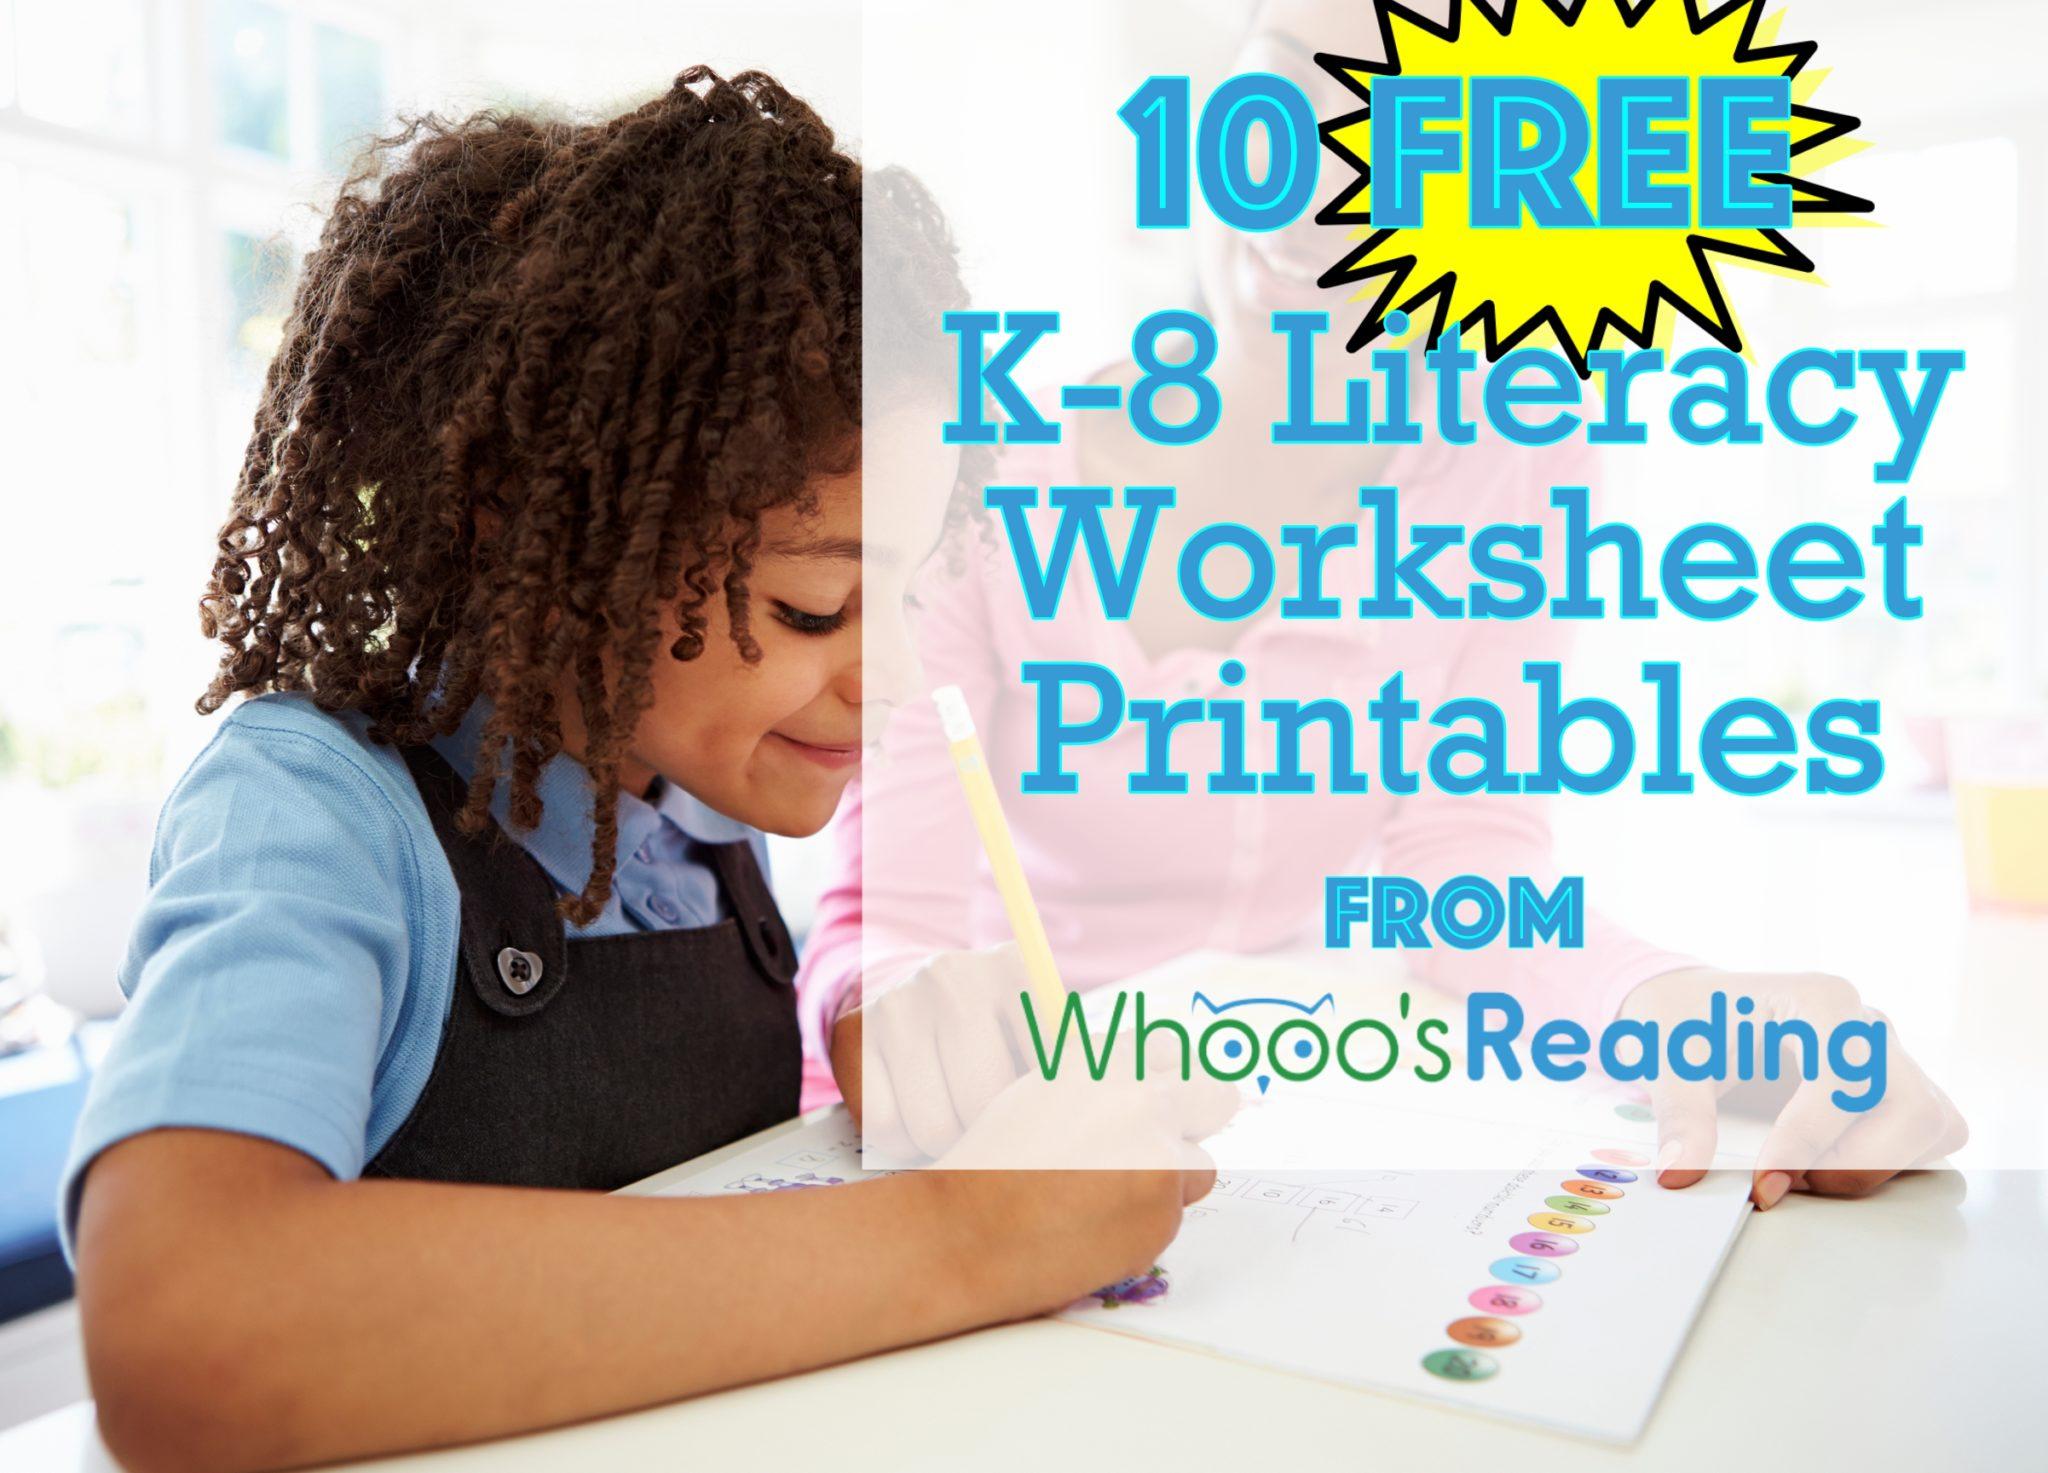 10 Free K 8 Literacy Worksheet Printables